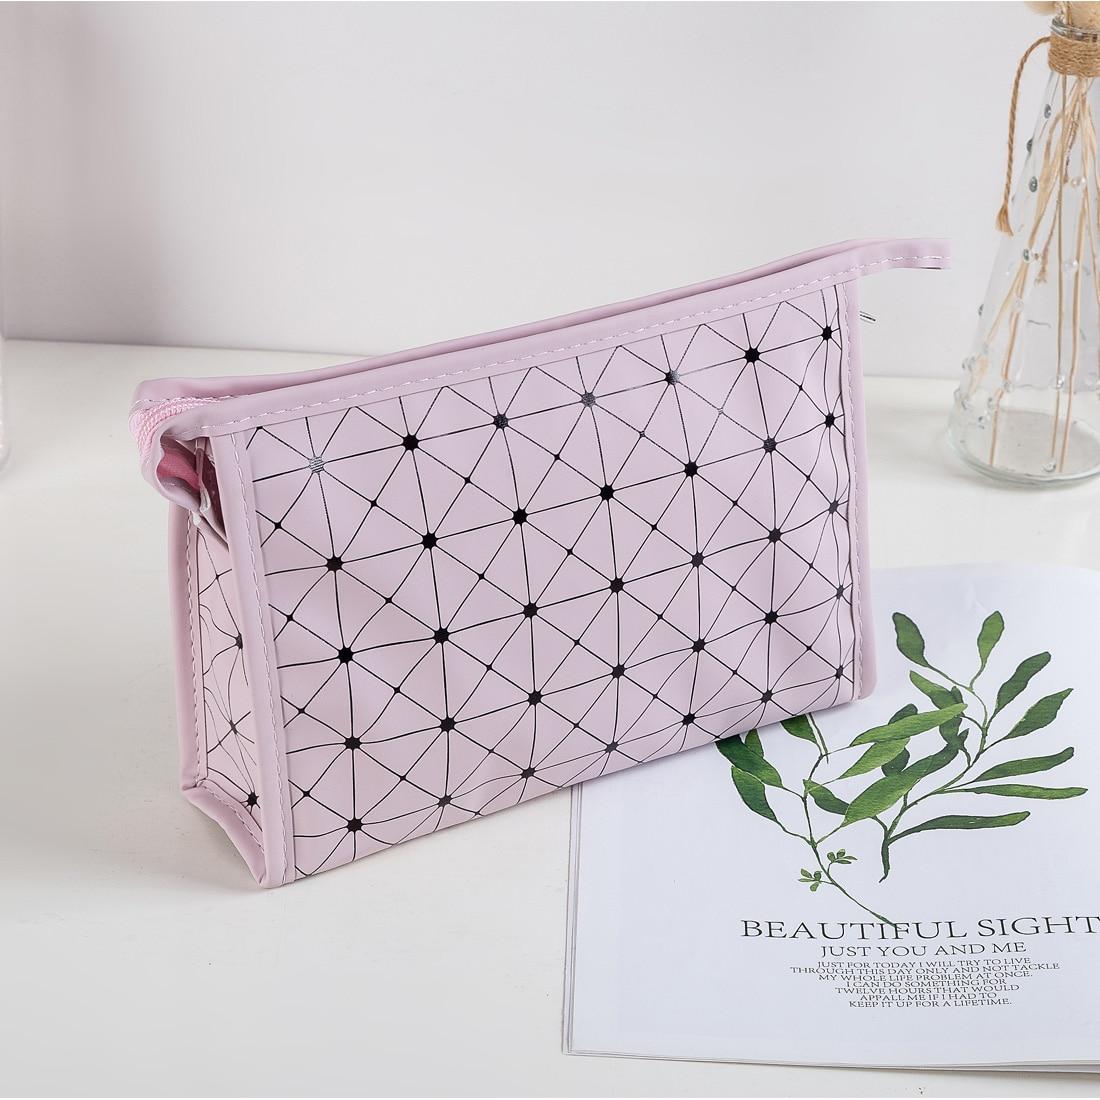 Women Pouch Fashion Women  Cosmetic Bag Makeup Organizer  Cute Organizer Bag Fashion Cosmetic Bag   Travel Bag Women Bag Mini